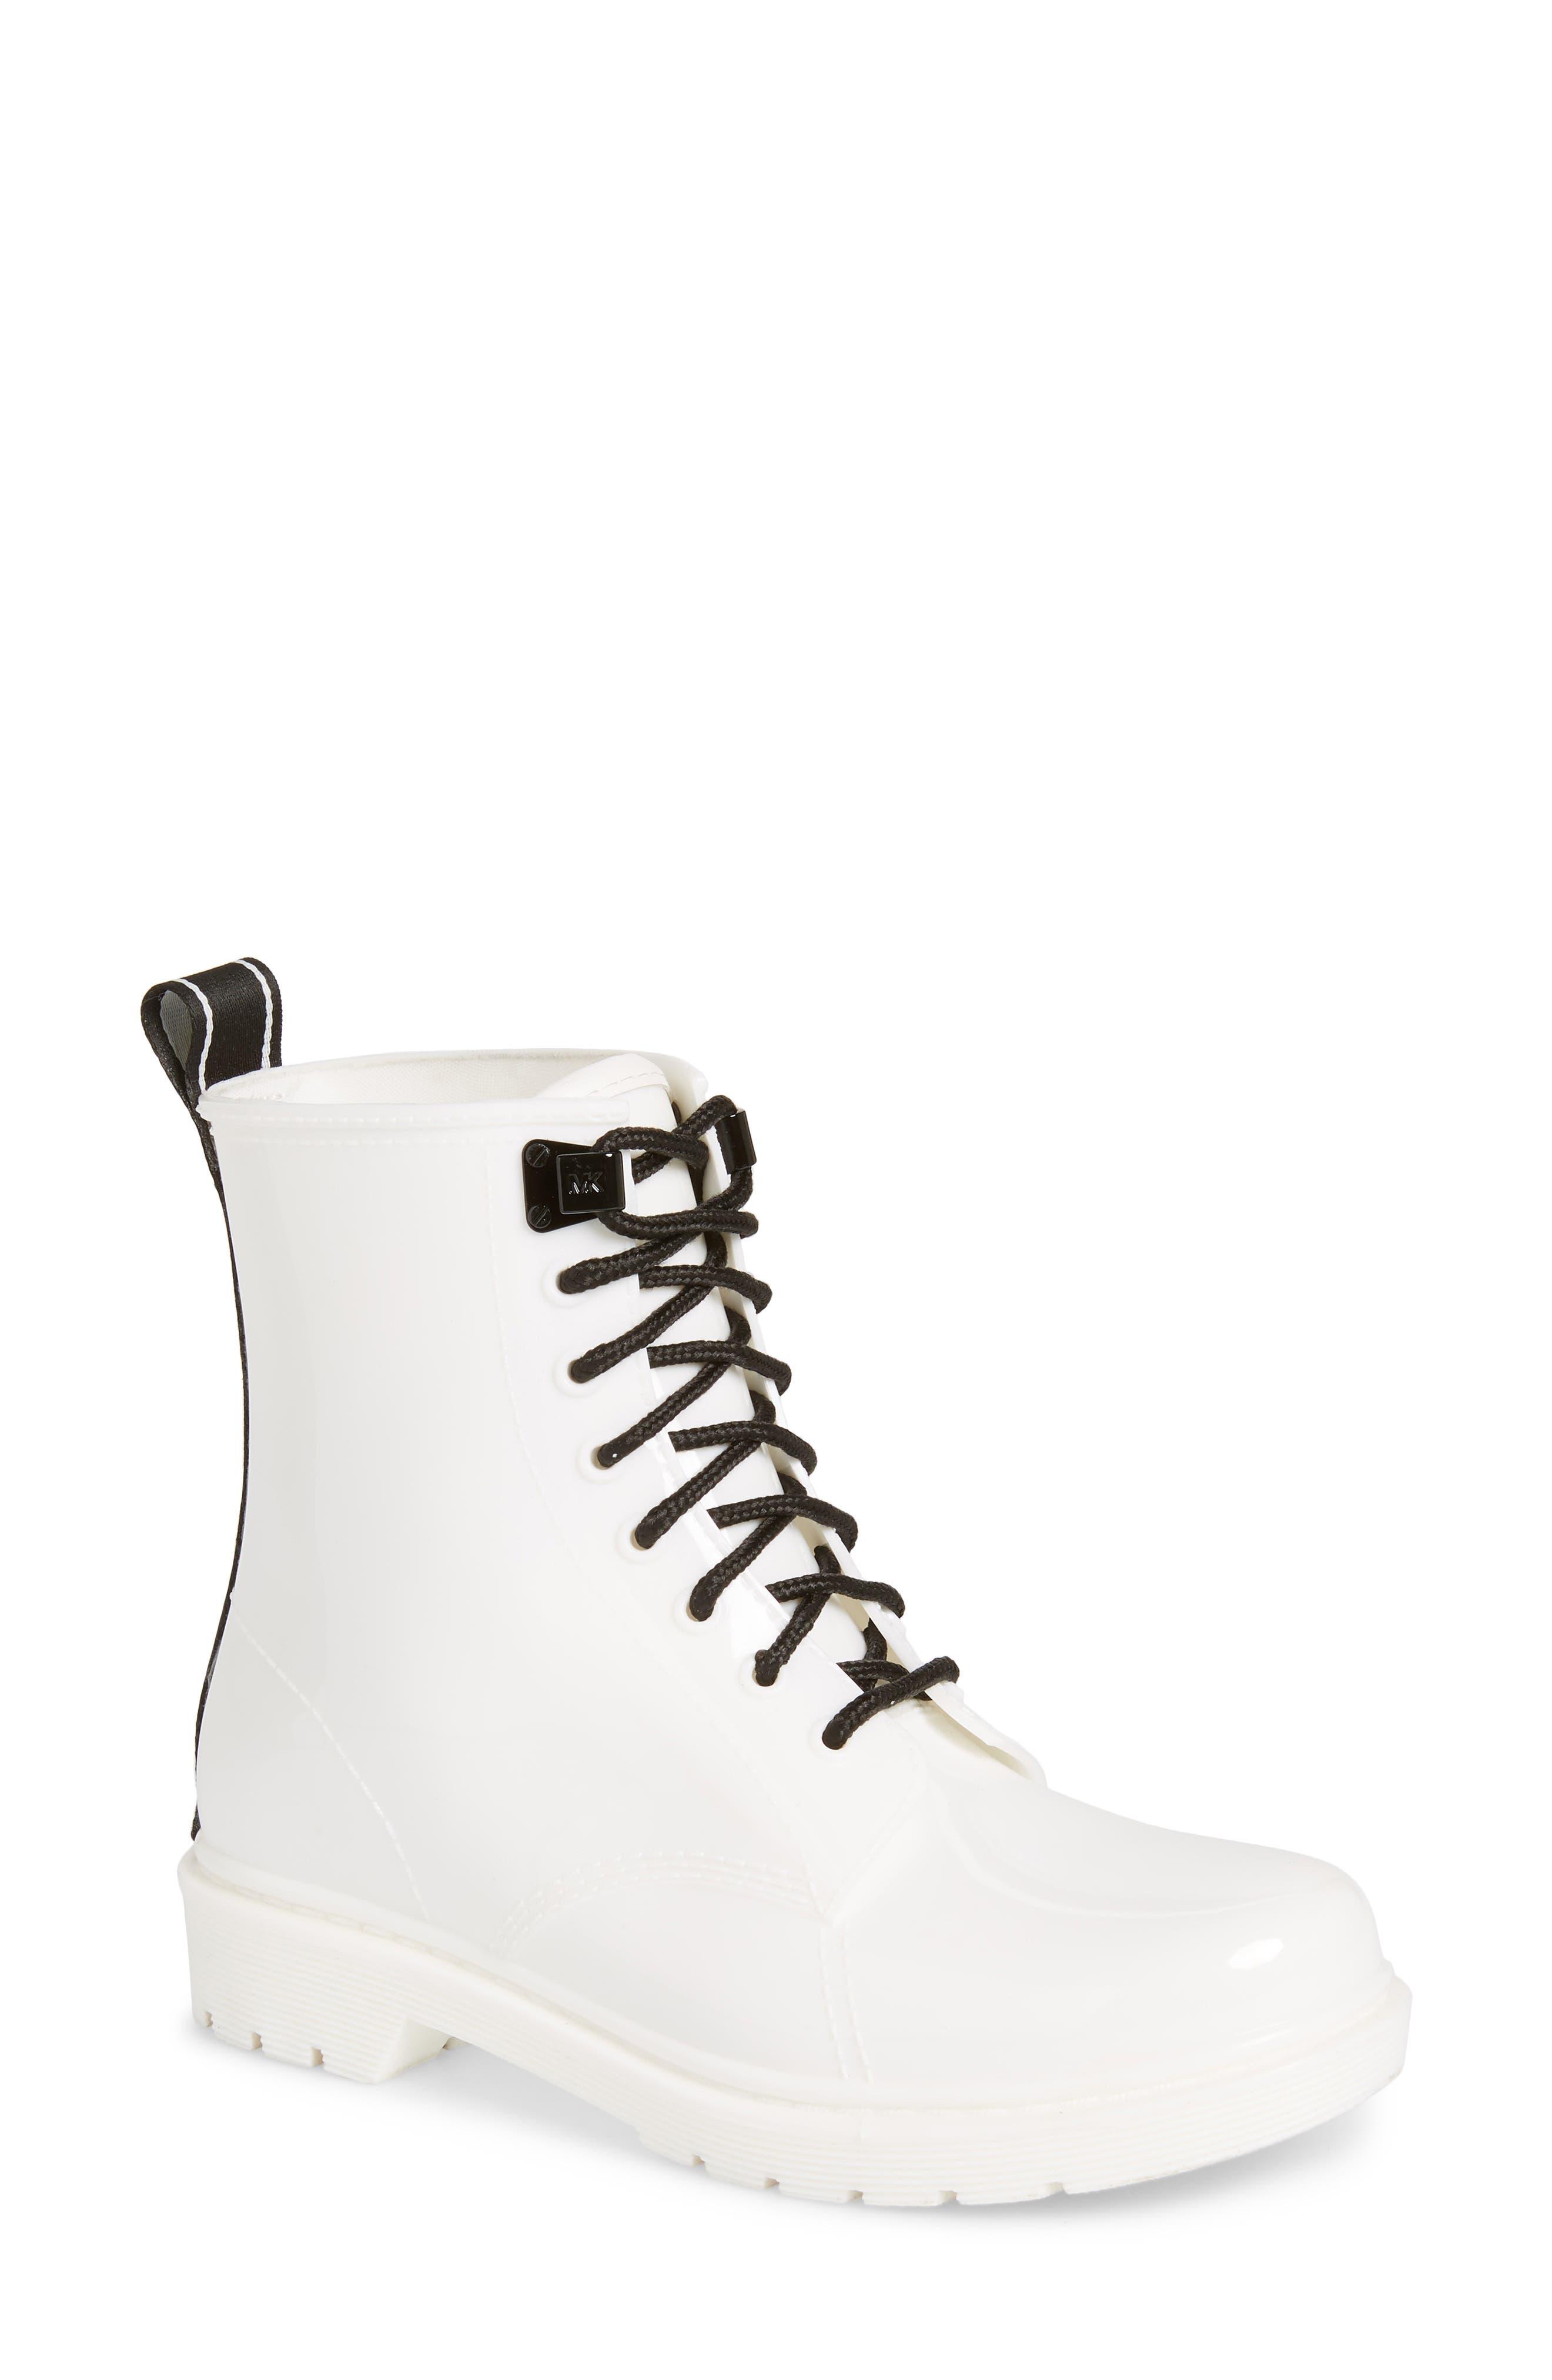 MICHAEL MICHAEL KORS, Tavie Rain Boot, Main thumbnail 1, color, OPTIC WHITE